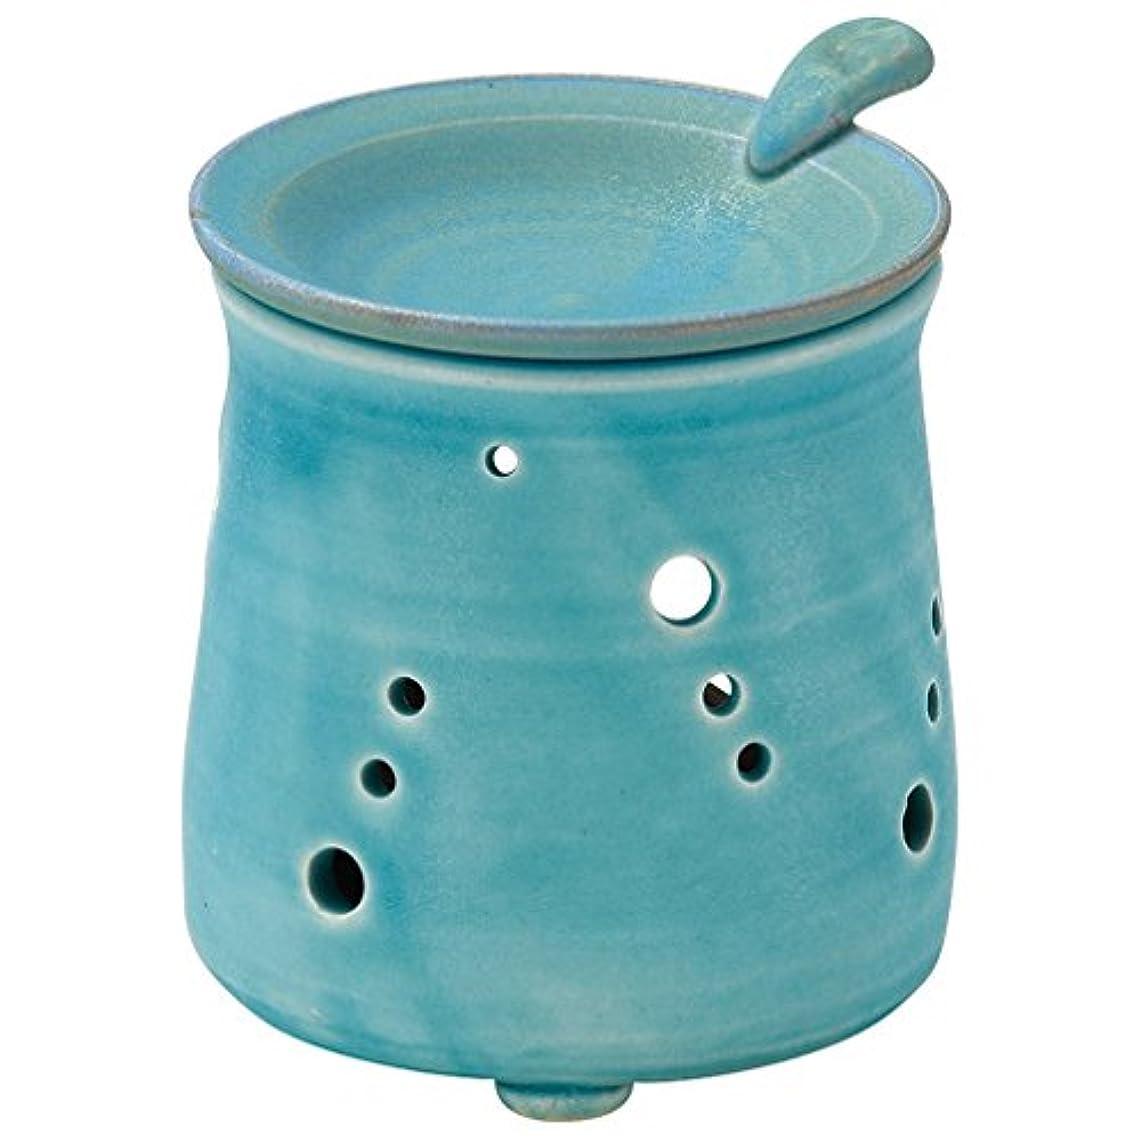 ダニ軽量騙す山下工芸 常滑焼 山田トルコブルー茶香炉 10×9.5×9.5cm 13045690